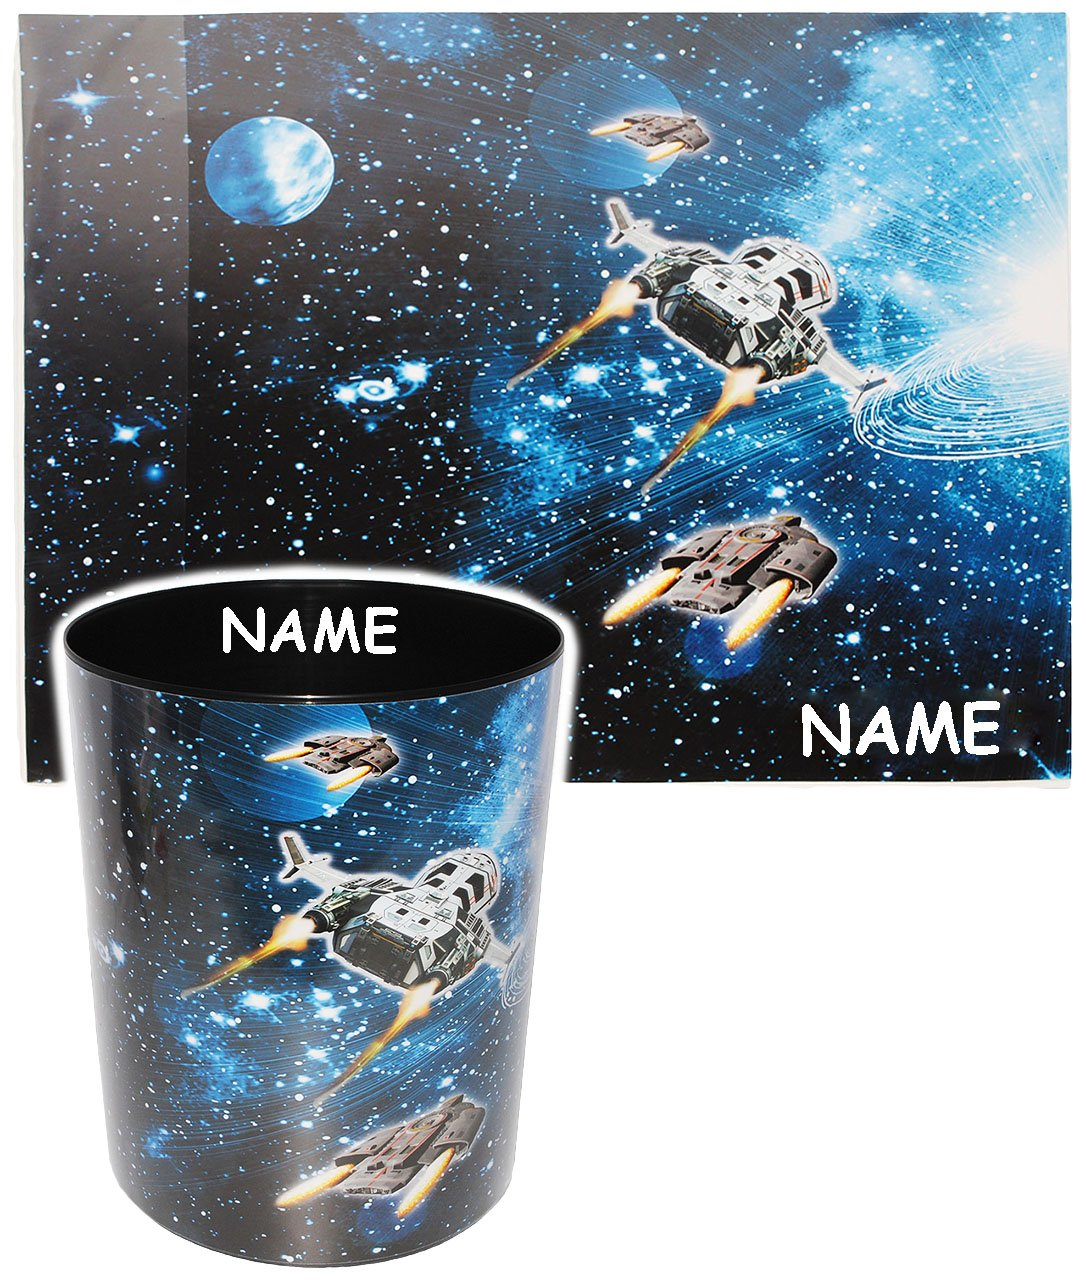 Weltraum M/ülleimer // Eimer Schreibtischset incl Tisc.. 2 TLG Space Name Raumschiff aus Kunststoff Set /_ Schreibtischunterlage /& Papierkorb